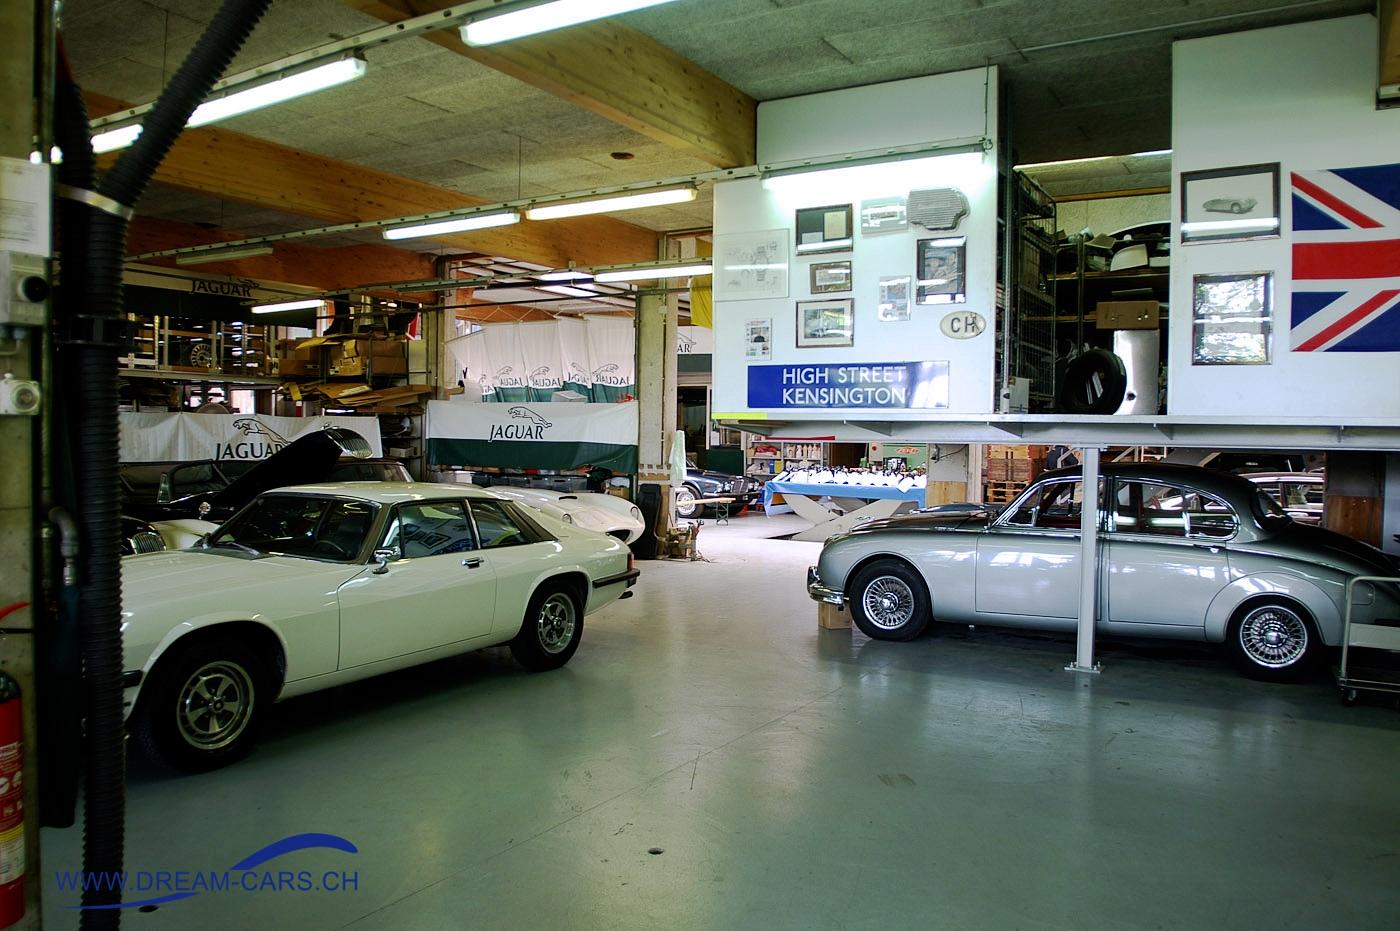 Die Räumlichkeiten in der Old Mill der DÖNNI CLASSIC CAR AG im luzernischen Roggliswil